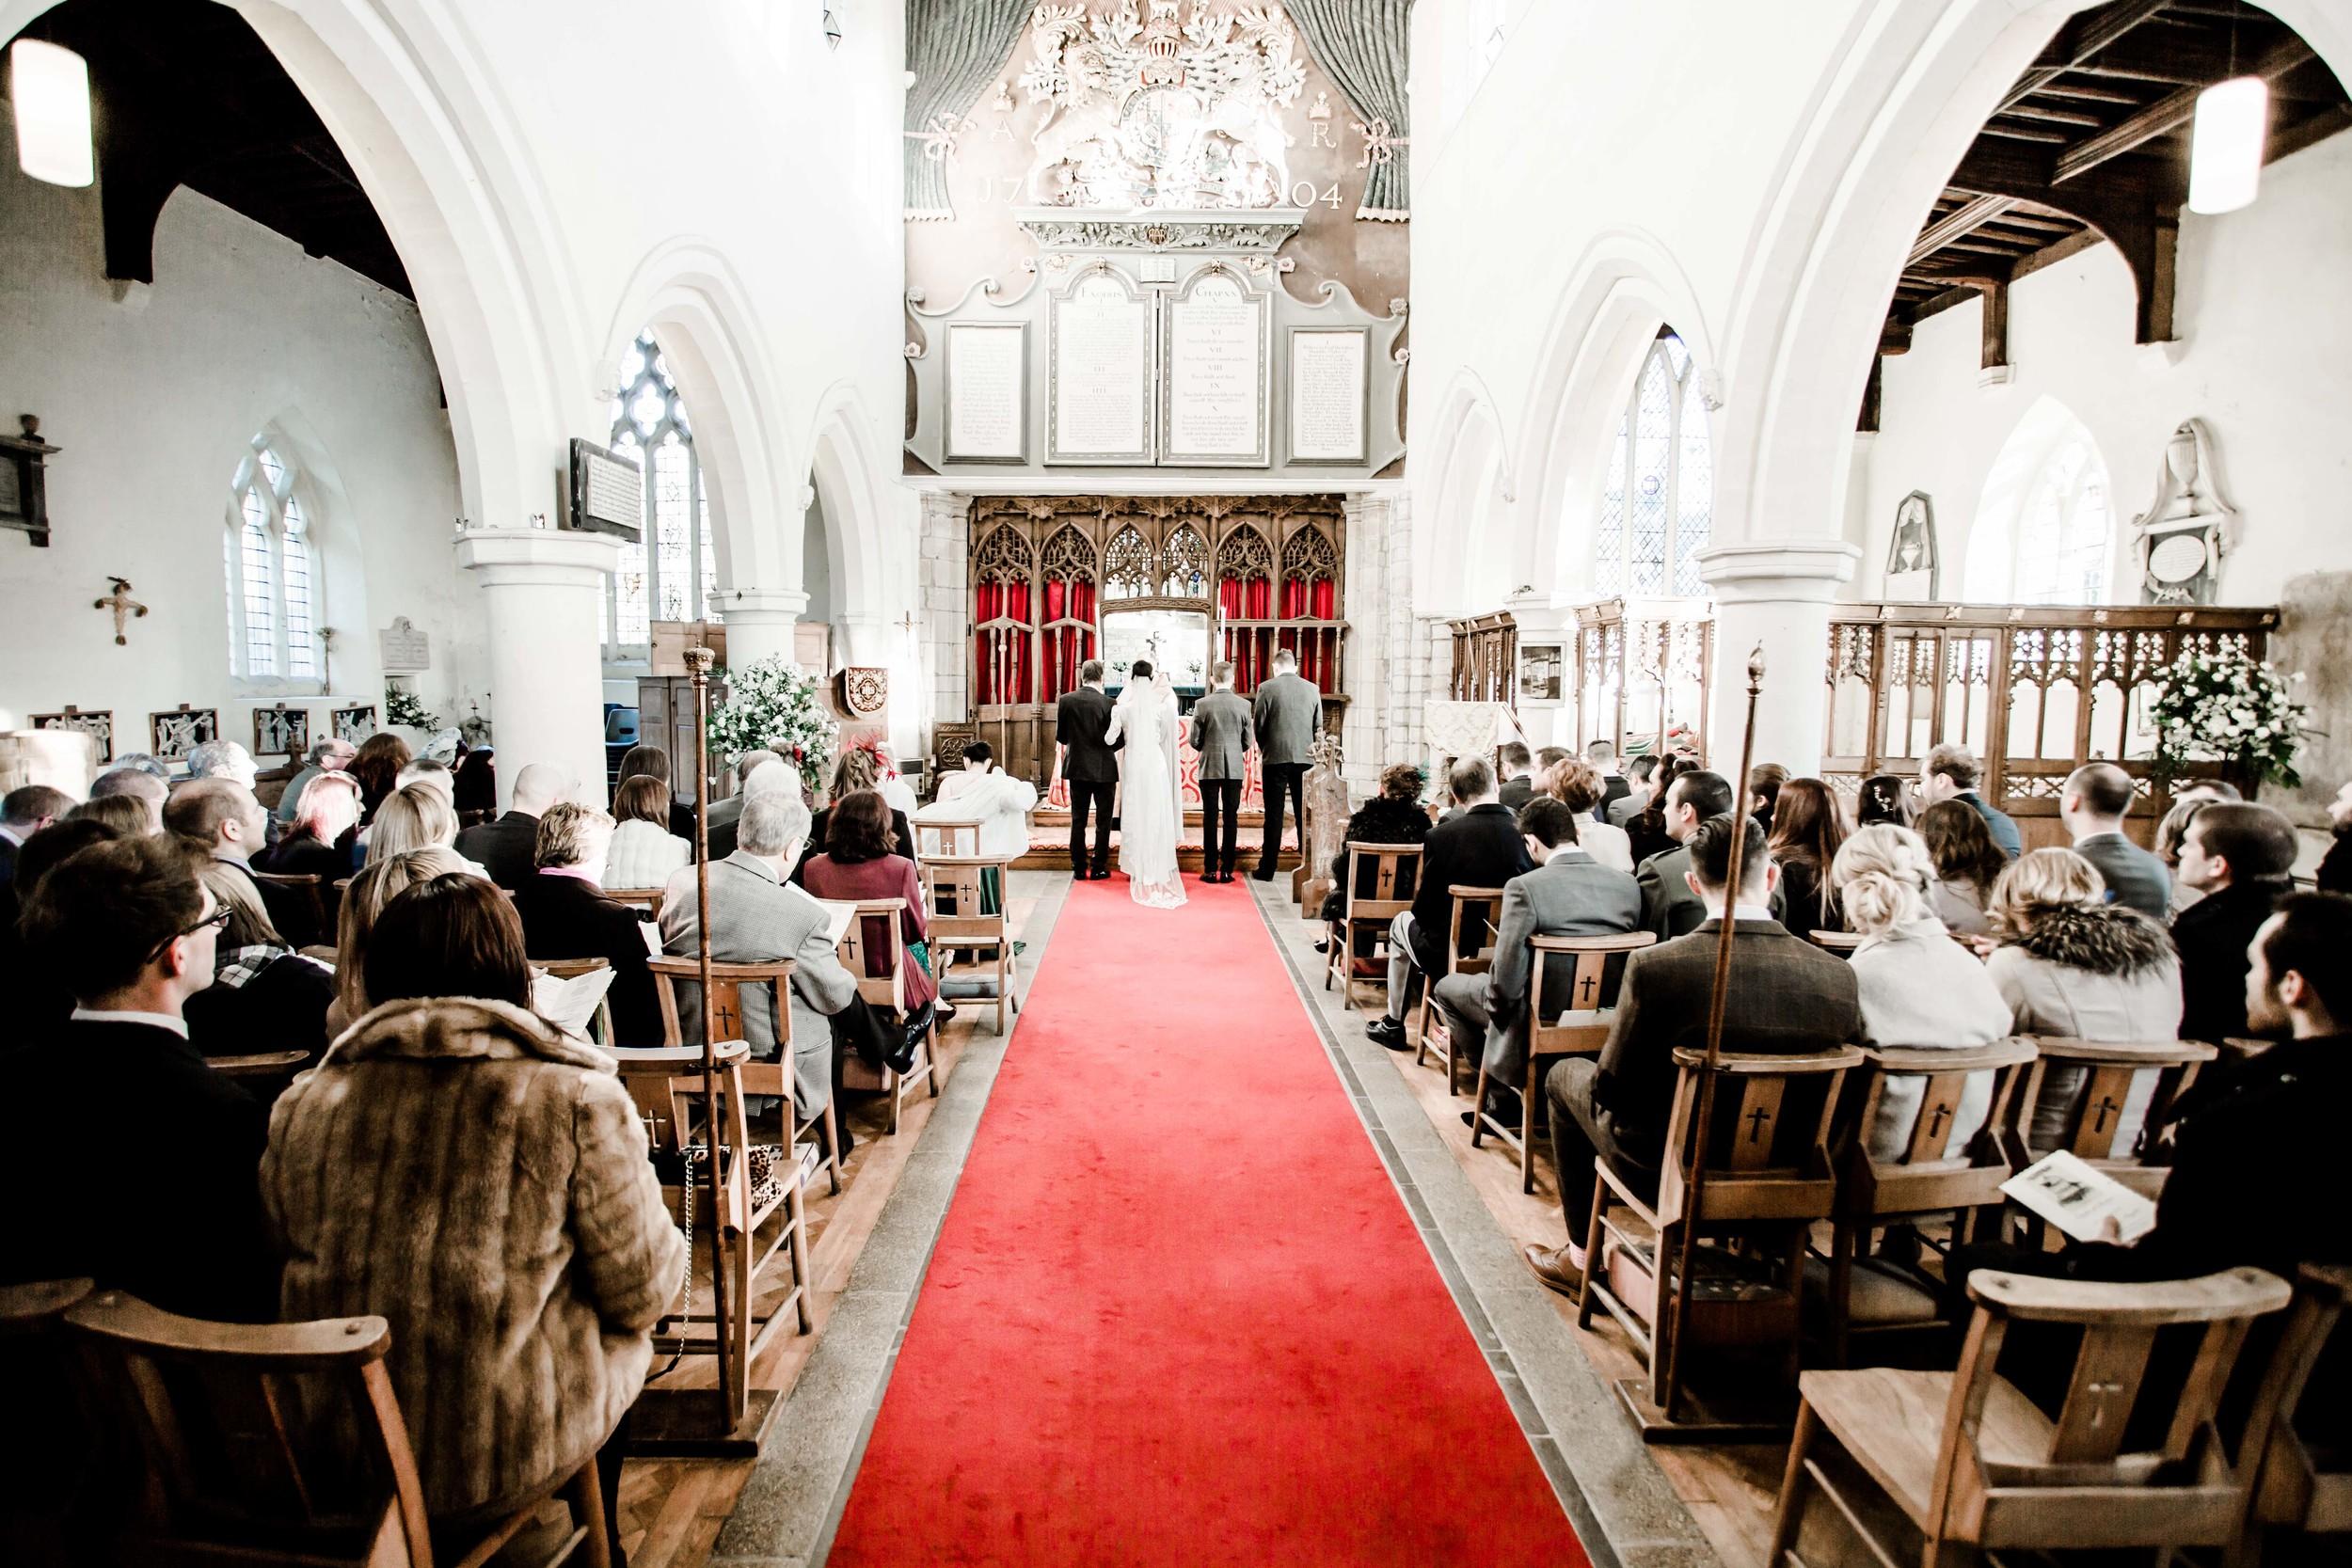 084 - Angela and Karls Wedding by www.markpugh.com -6676.jpg